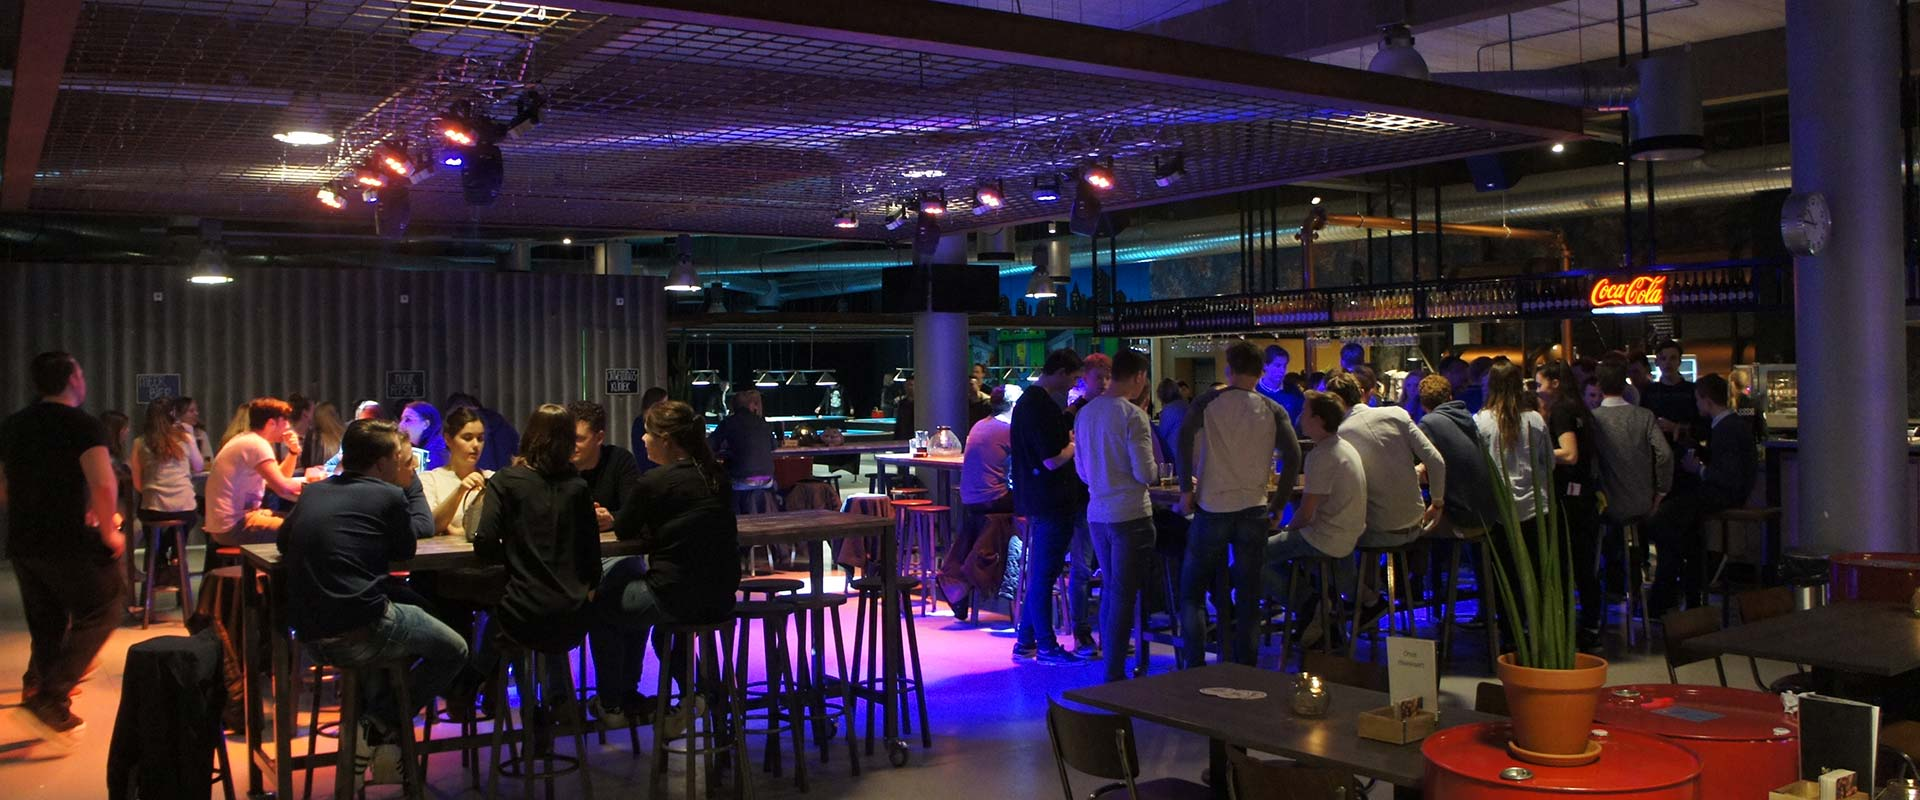 Gezellig eten en drinken na activiteiten op het Horecaplein van The Maxx Veenendaal